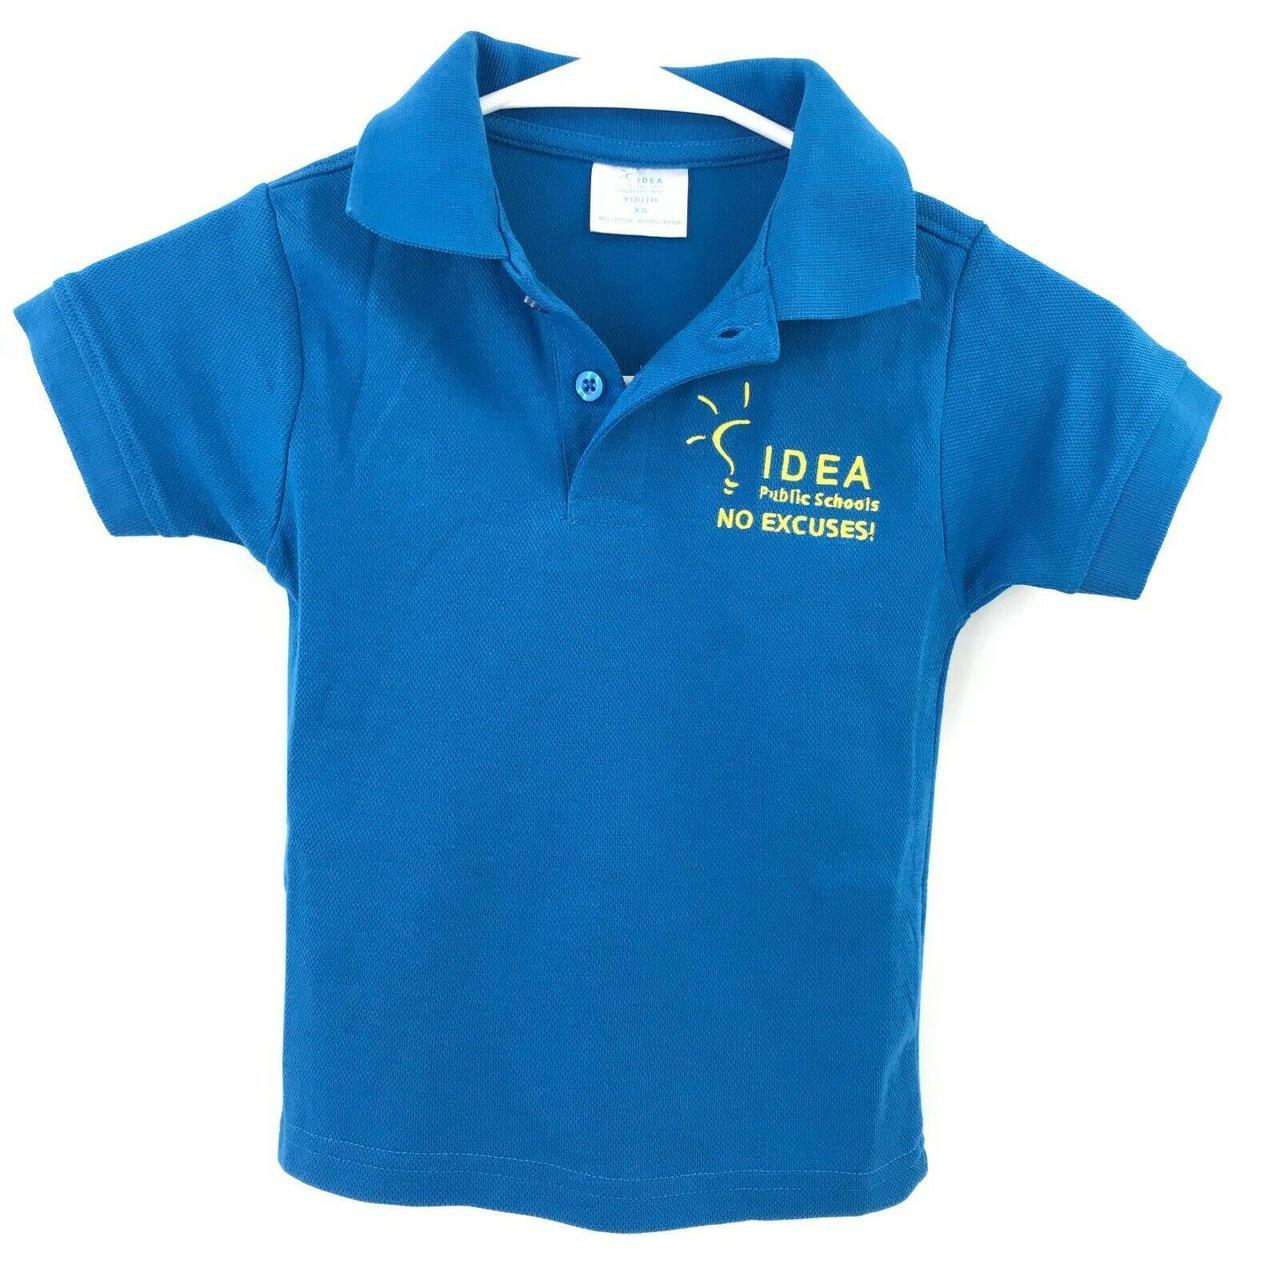 Product Image 1 - NEW IDEA Public Schools No